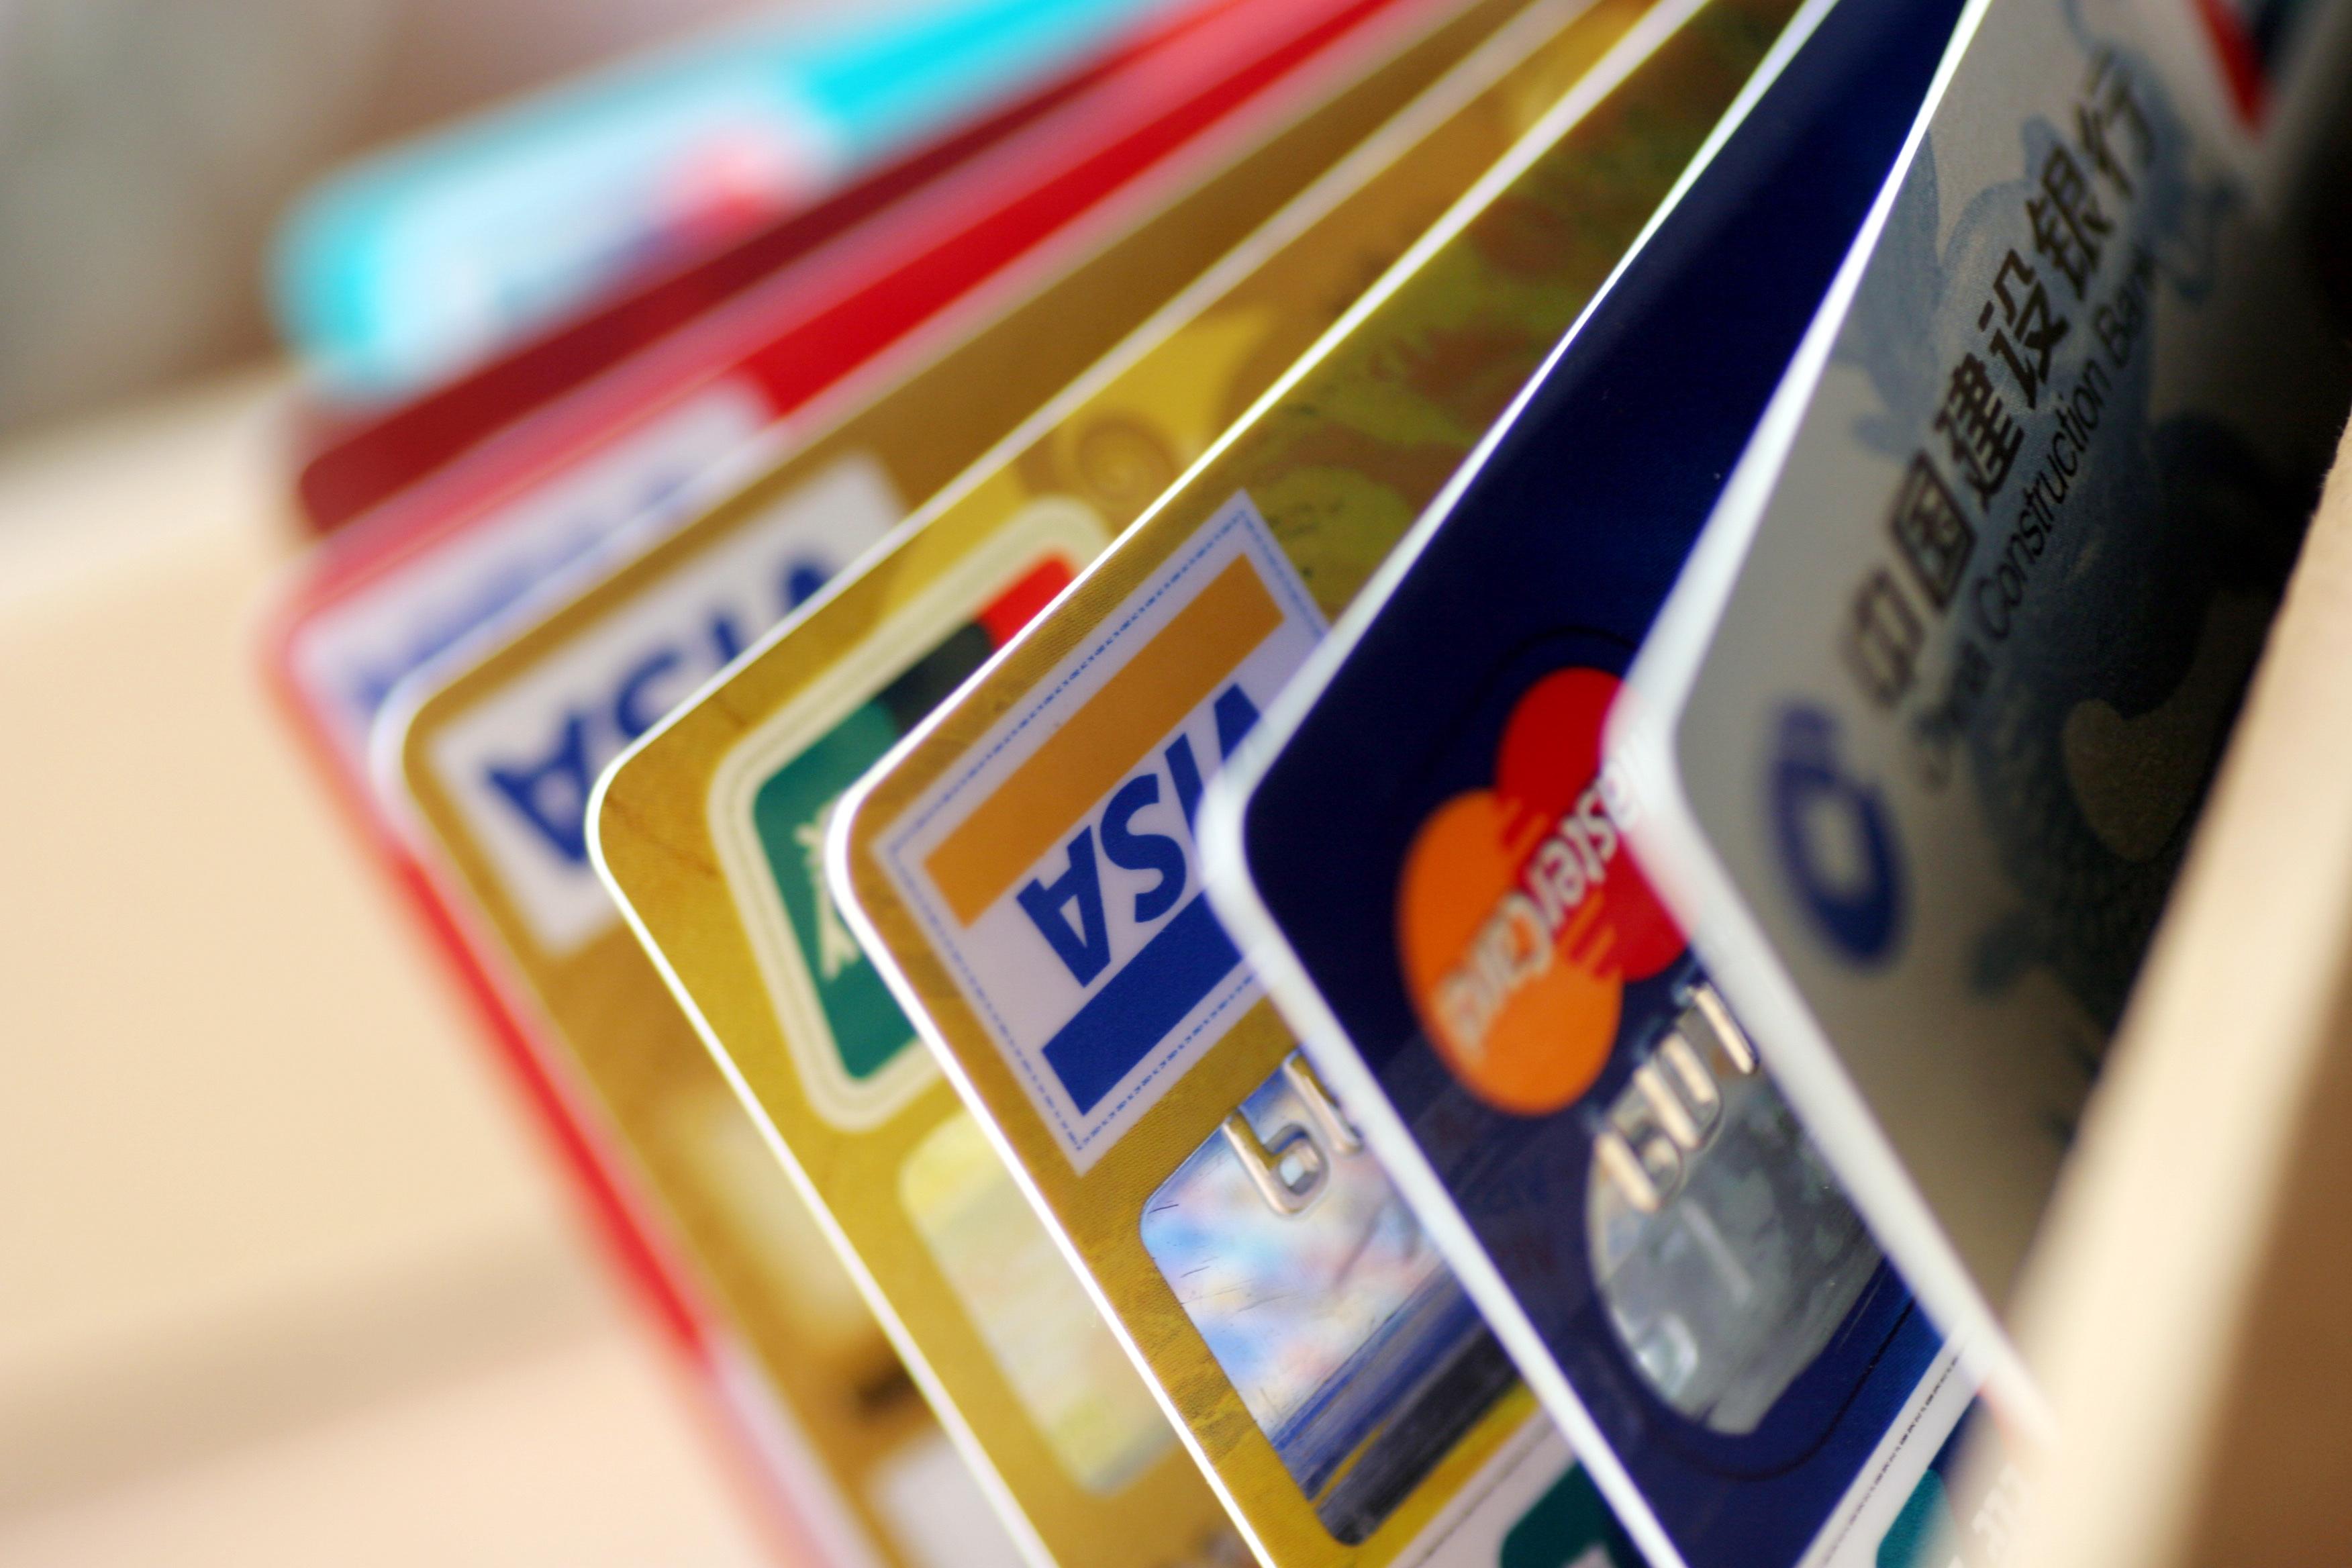 Visa и MasterCard запустили тестирование карт с отпечатками пальца